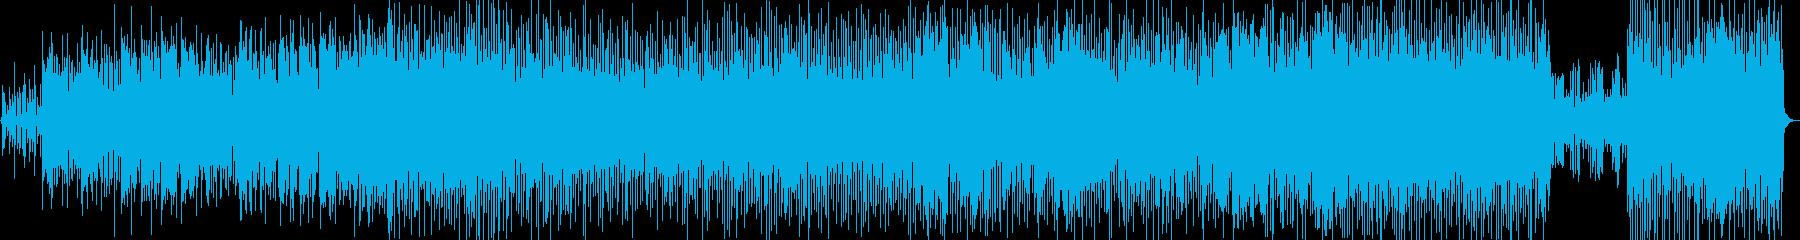 角と一種のヒップホップグルーブを備...の再生済みの波形